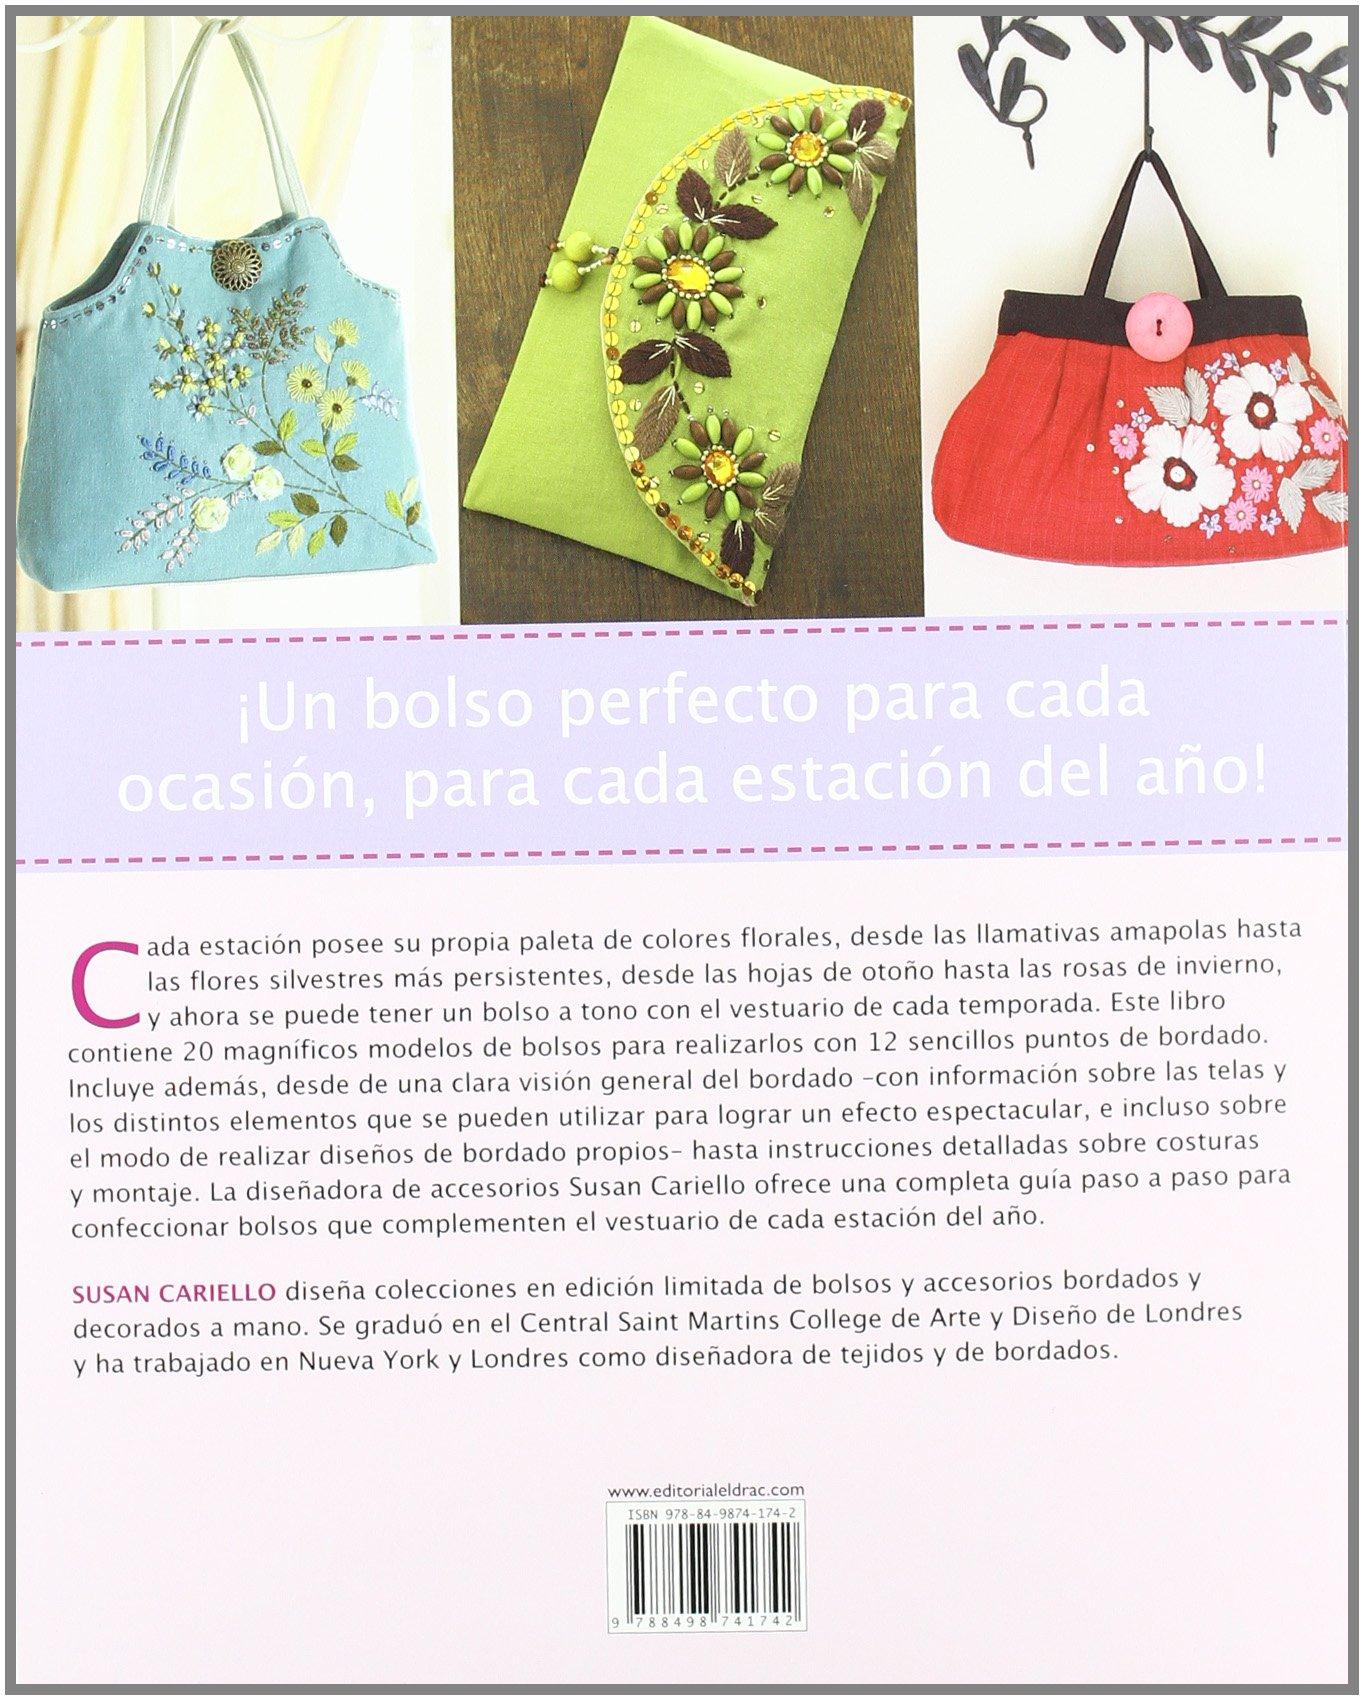 Bolsos bordados / Bags in Bloom: 20 proyectos con flores bordadas para cada estacion del ano, realizados facilmente con sus patrones y explicados paso . ...